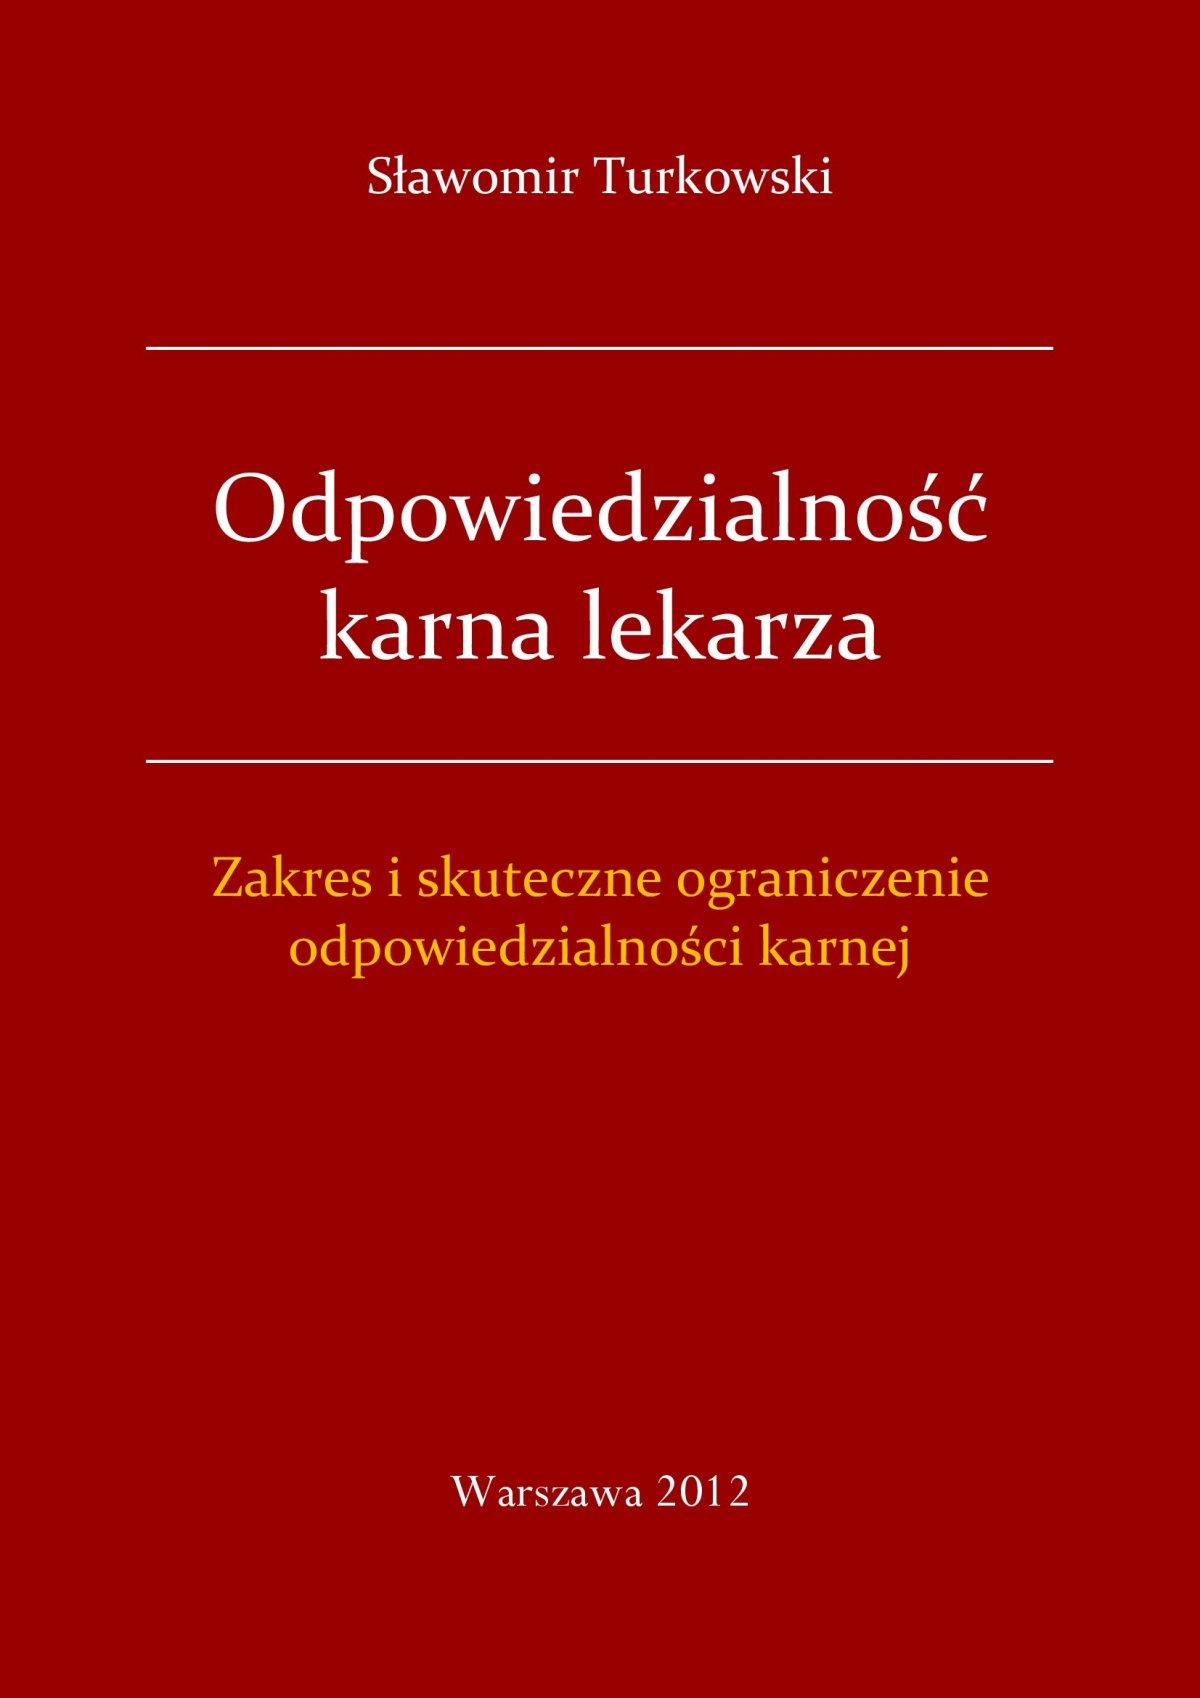 Odpowiedzialność karna lekarza. Zakres i skuteczne ograniczenie odpowiedzialności karnej - Ebook (Książka PDF) do pobrania w formacie PDF